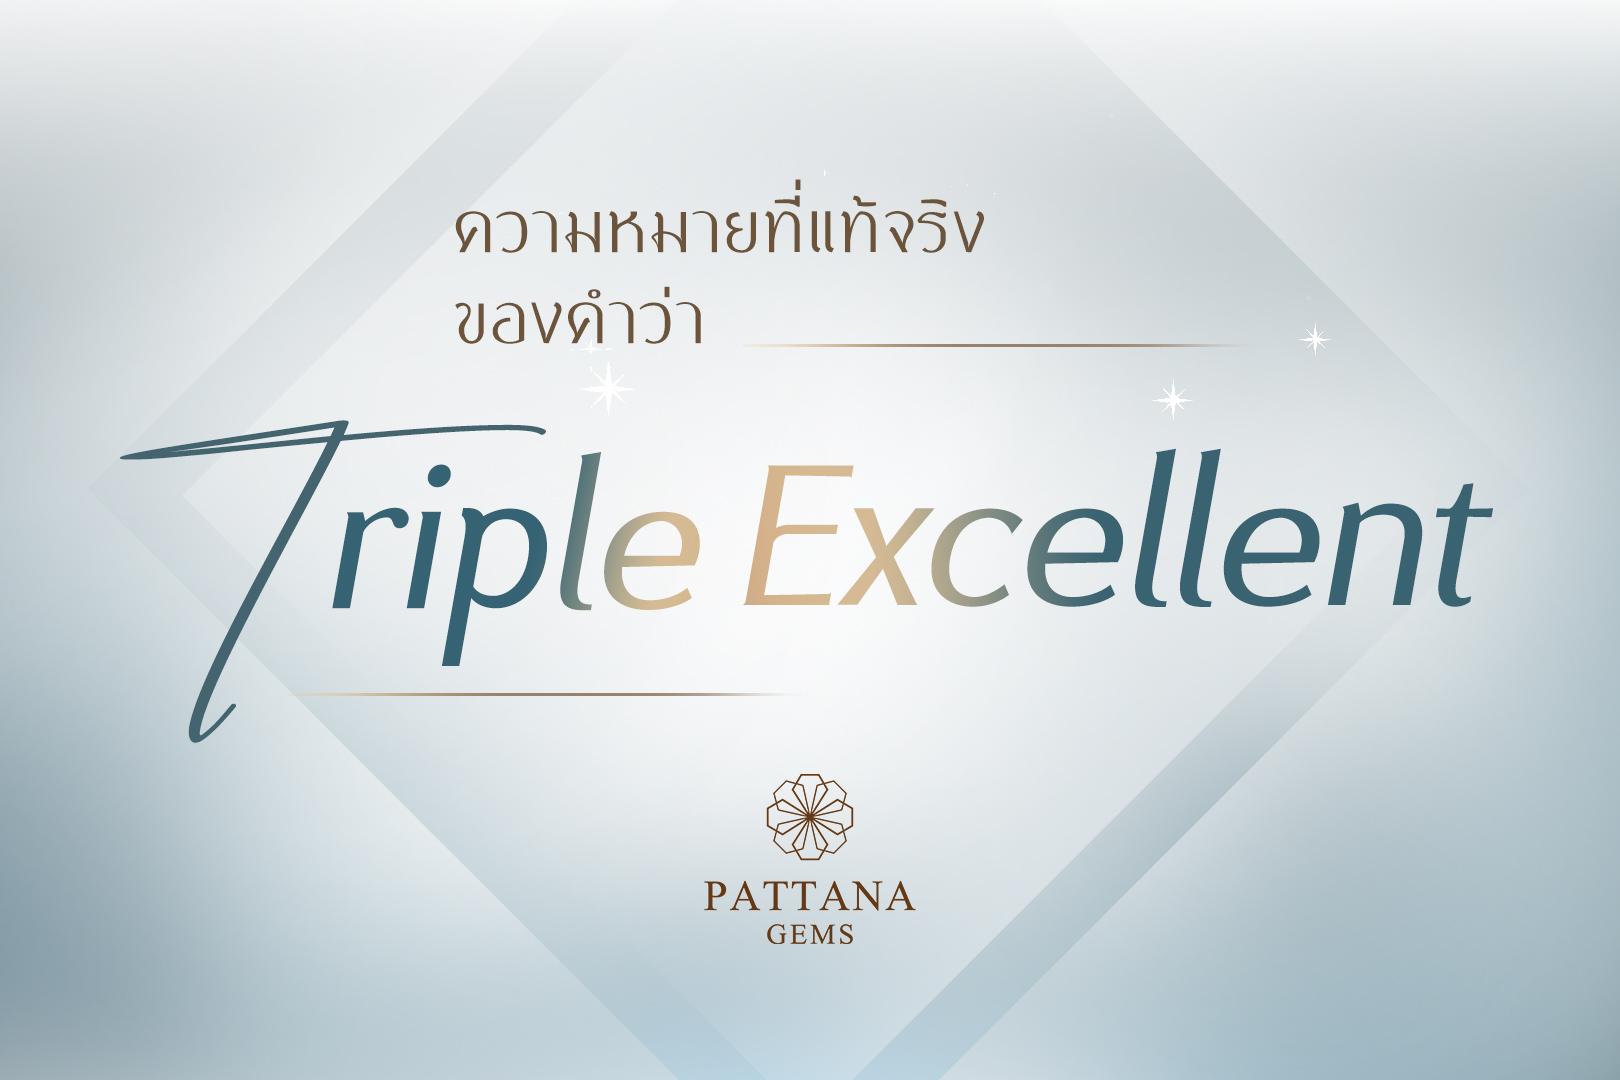 ความหมายที่แท้จริงของ Triple Excellent